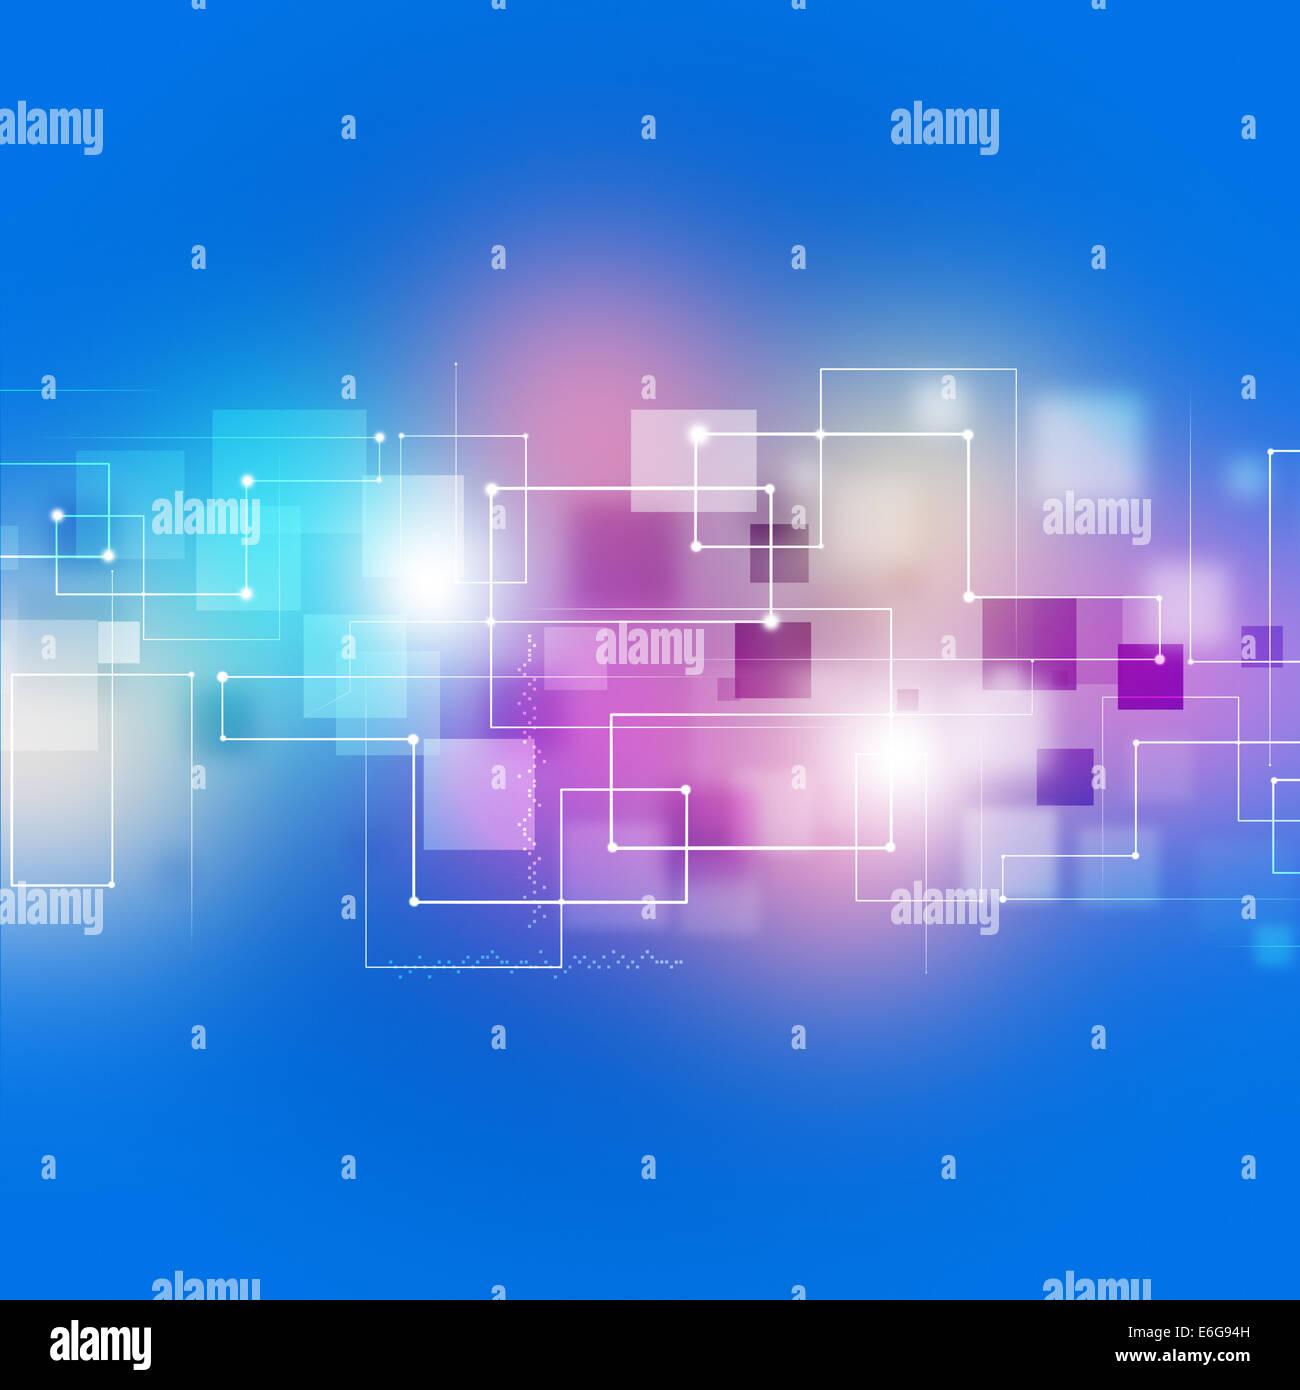 Resumen La tecnología y las comunicaciones empresariales fondo multicolor Imagen De Stock